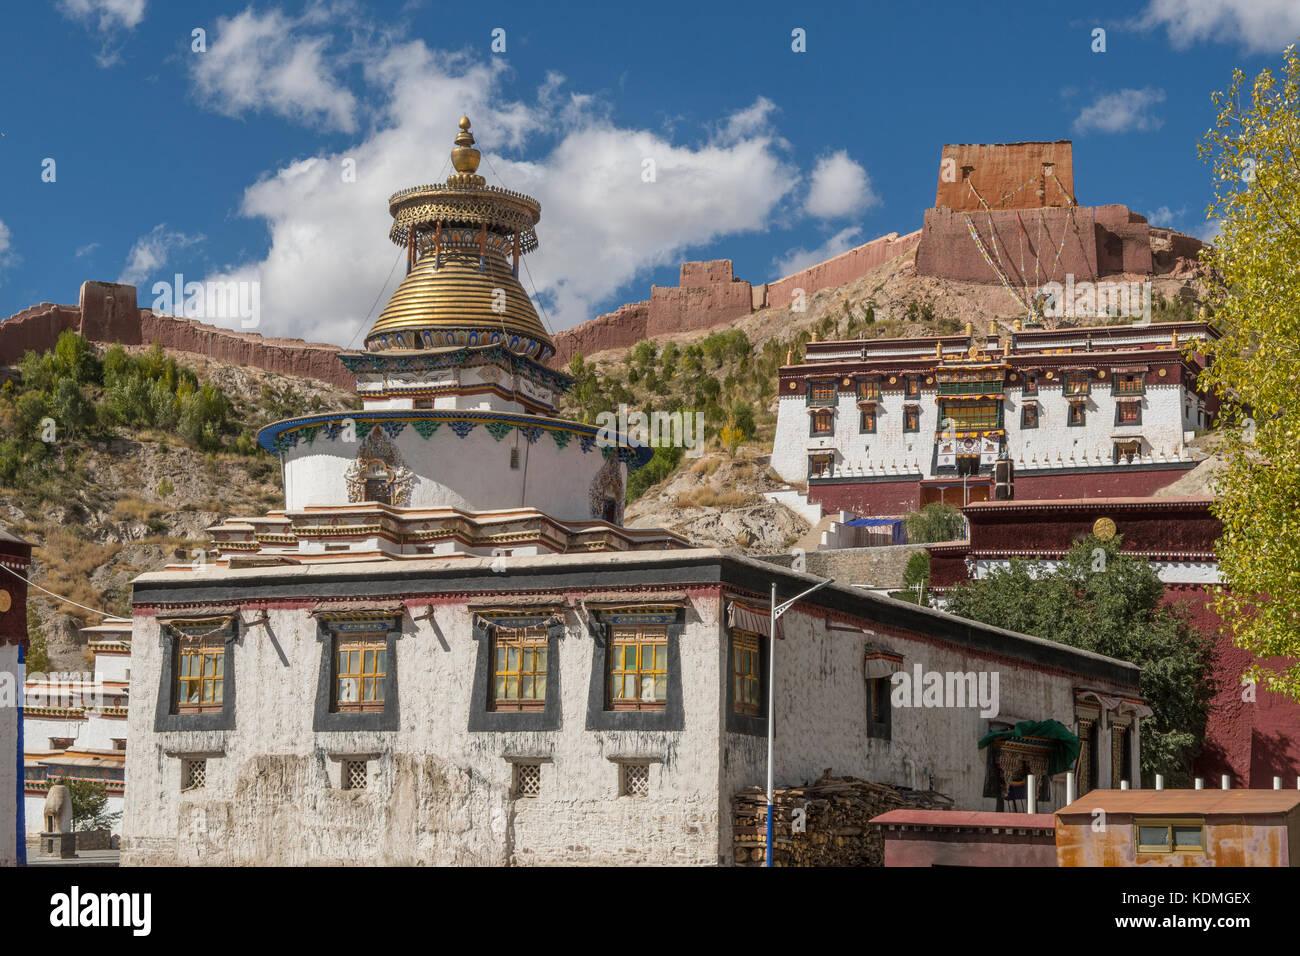 Palcho Monastery, Gyantse, Tibet, China - Stock Image